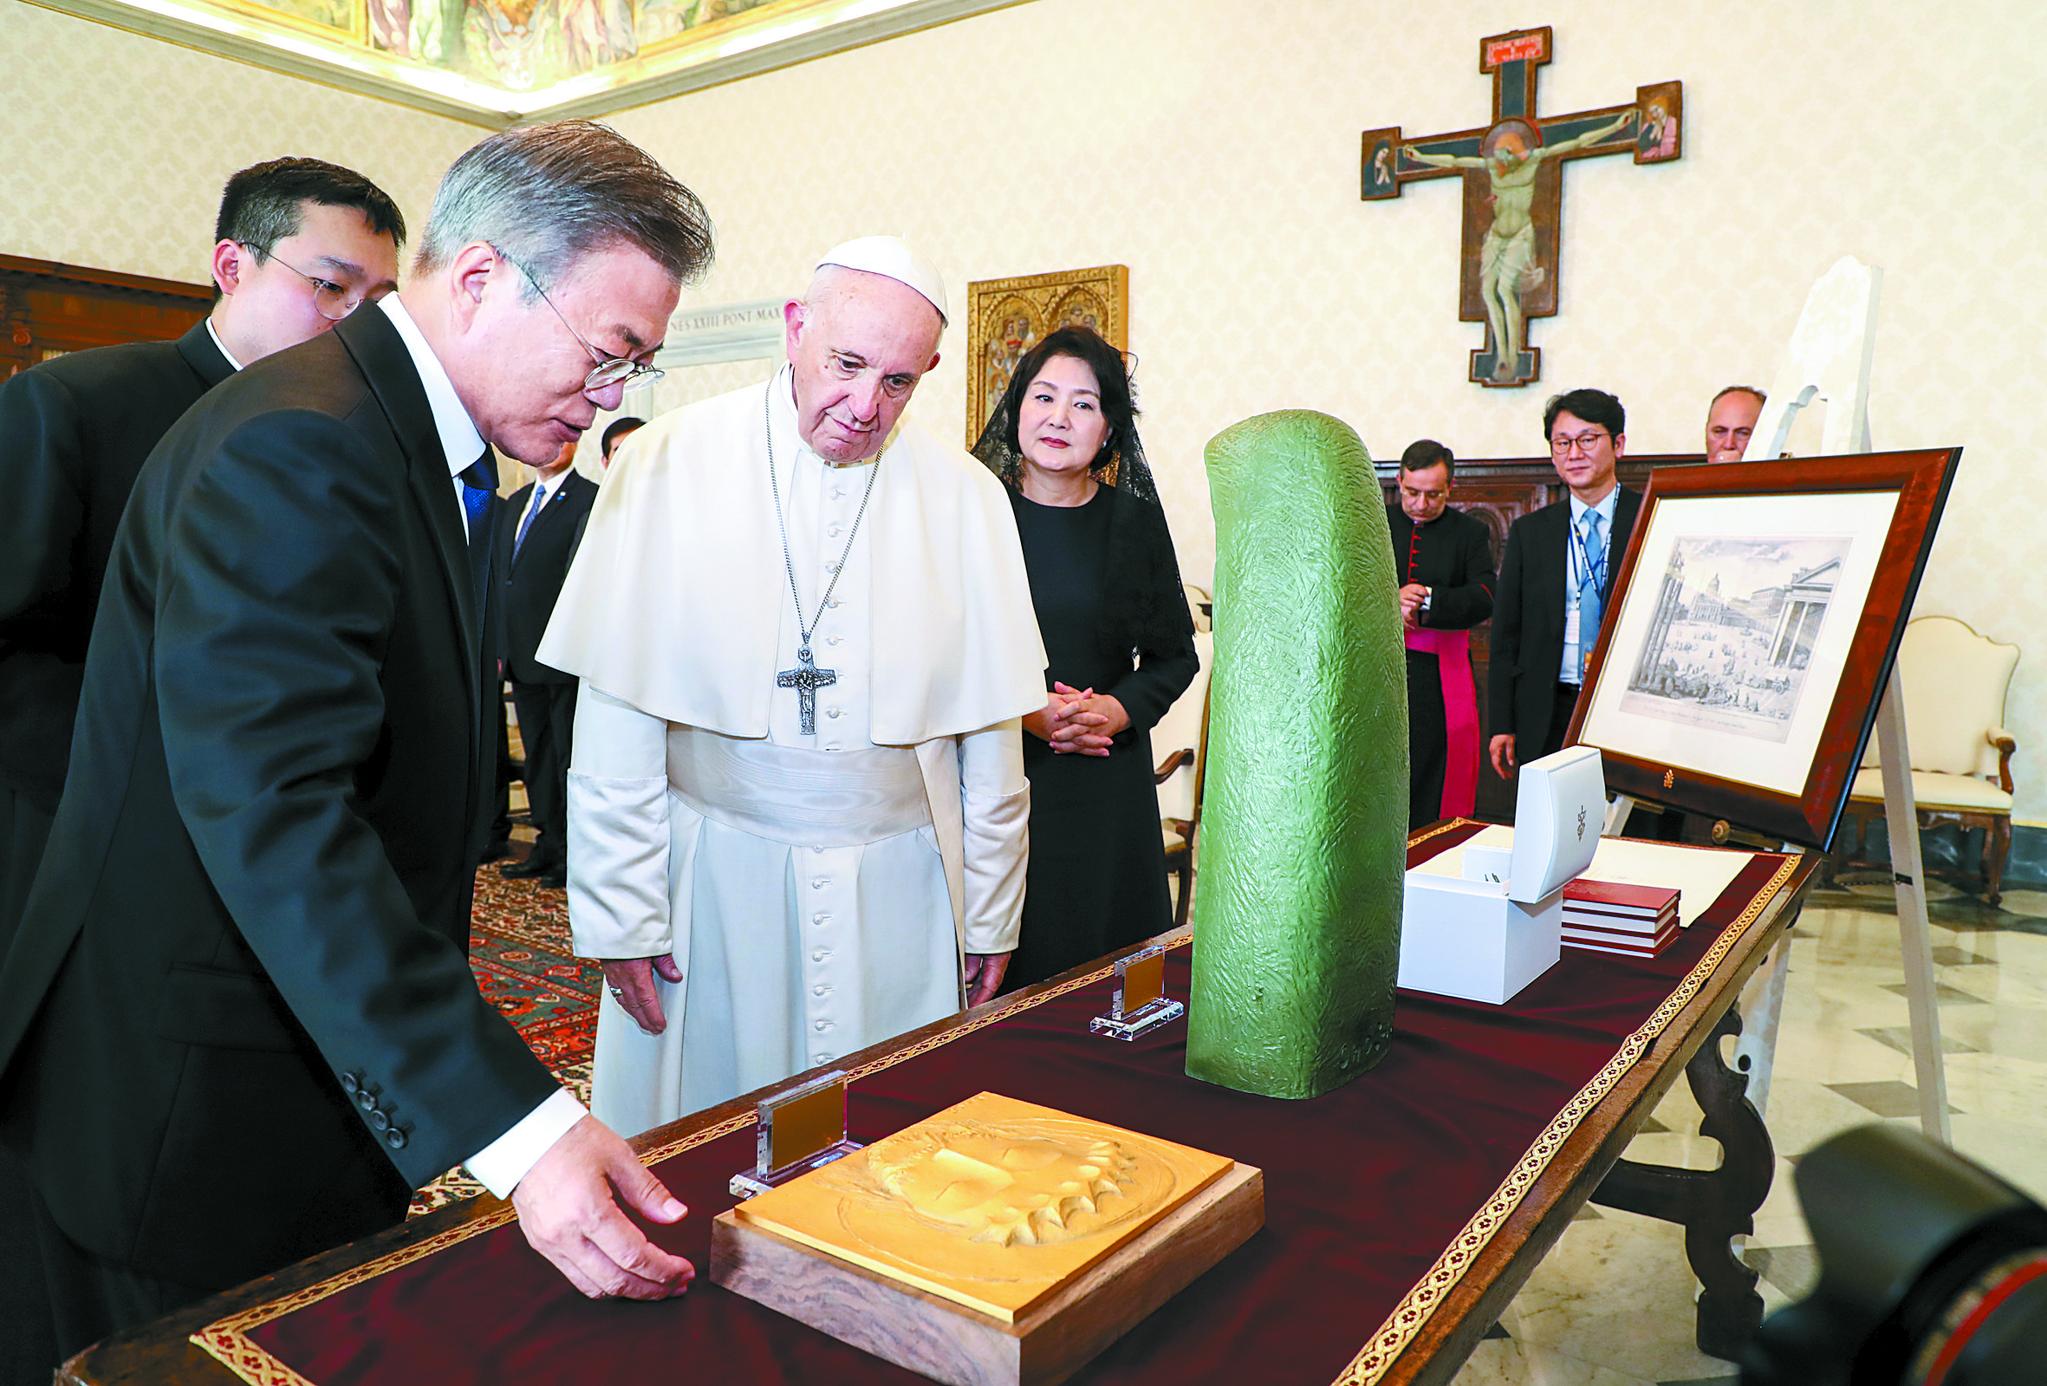 문 대통령의 '성모상'과 교황의 '올리브 가지'에 담긴 뜻은